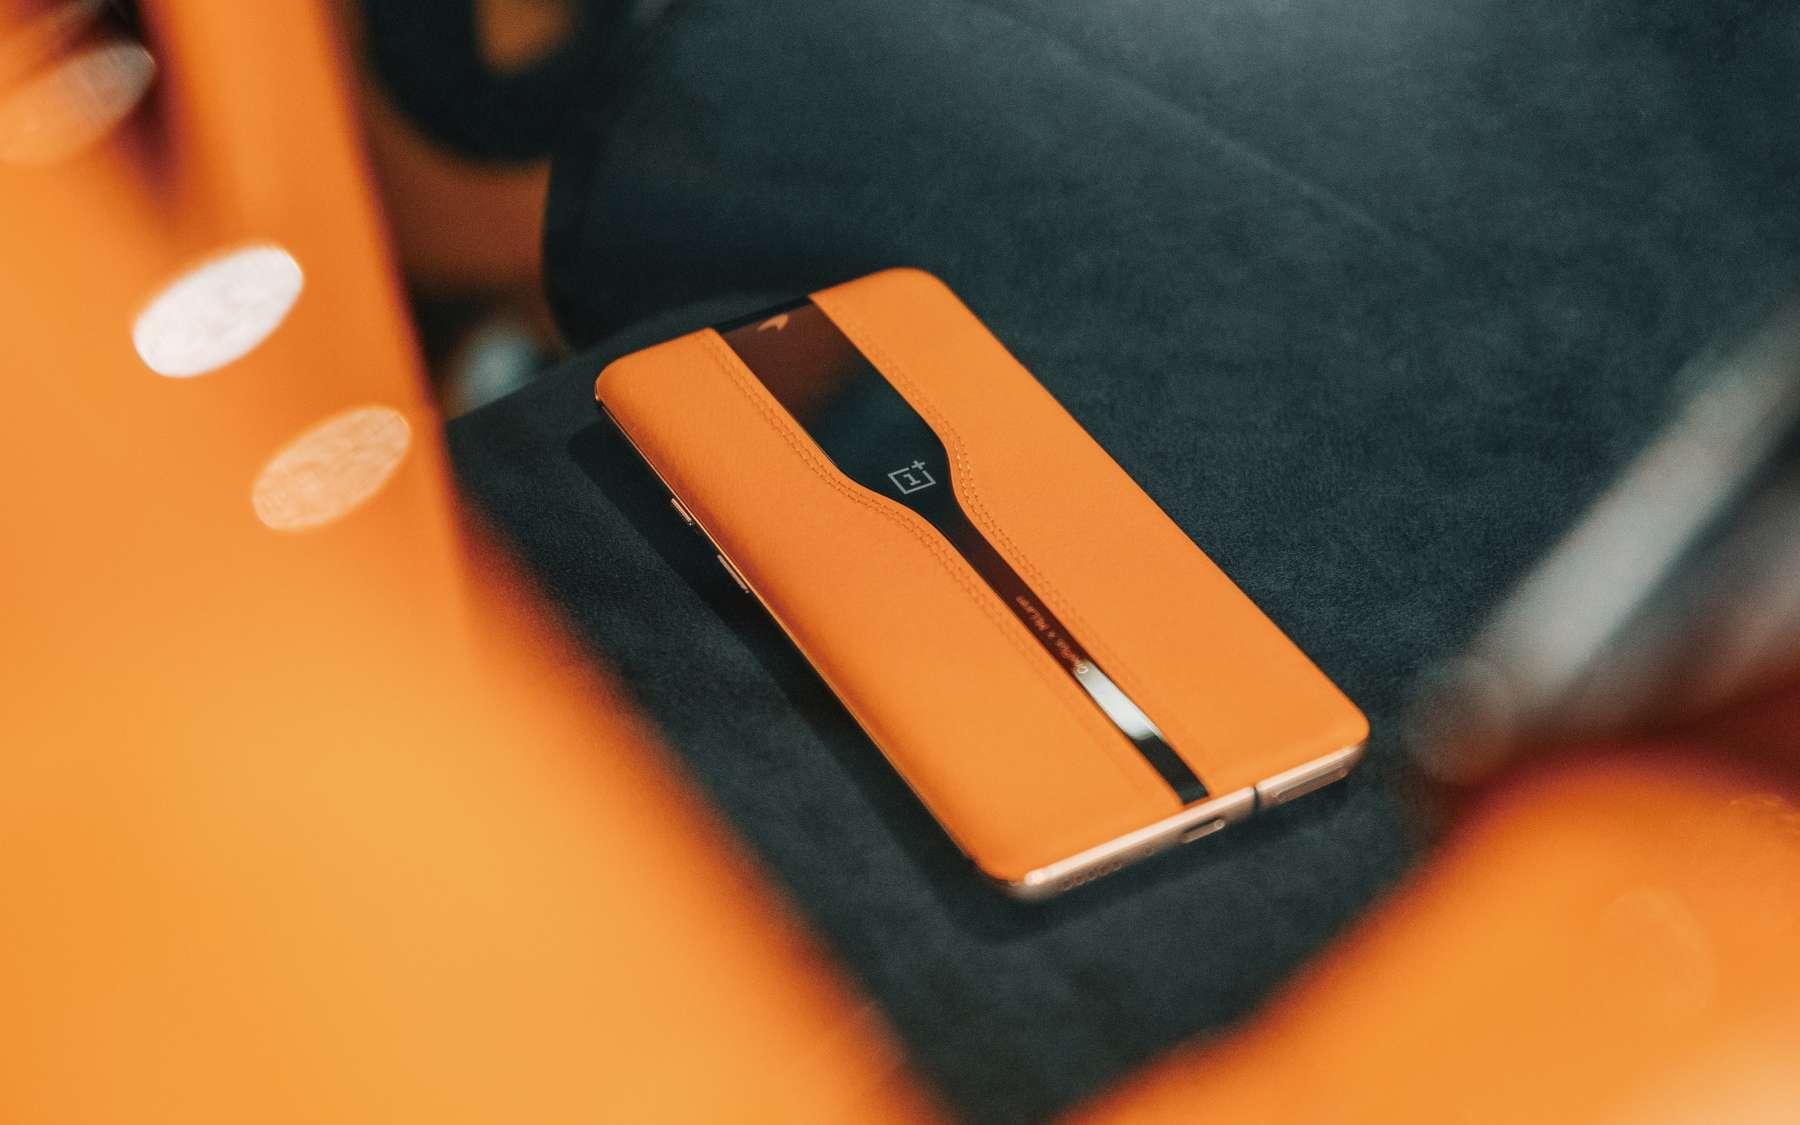 Le Concept One n'a pas forcément vocation à être commercialisé. OnePlus n'a pas précisé si sa technologie de verre électrochrome serait intégrée à de futurs modèles. © OnePlus